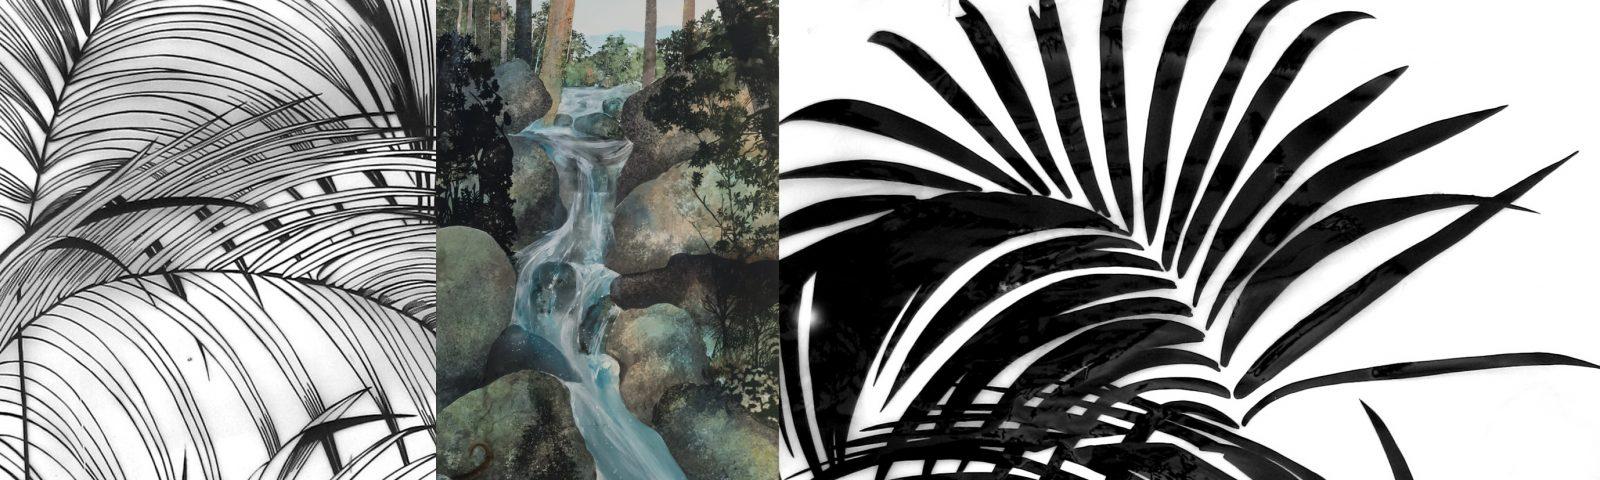 NÖ Waldviertel Galerie Kunst - Das war: Vesna und Jonathon Roberts